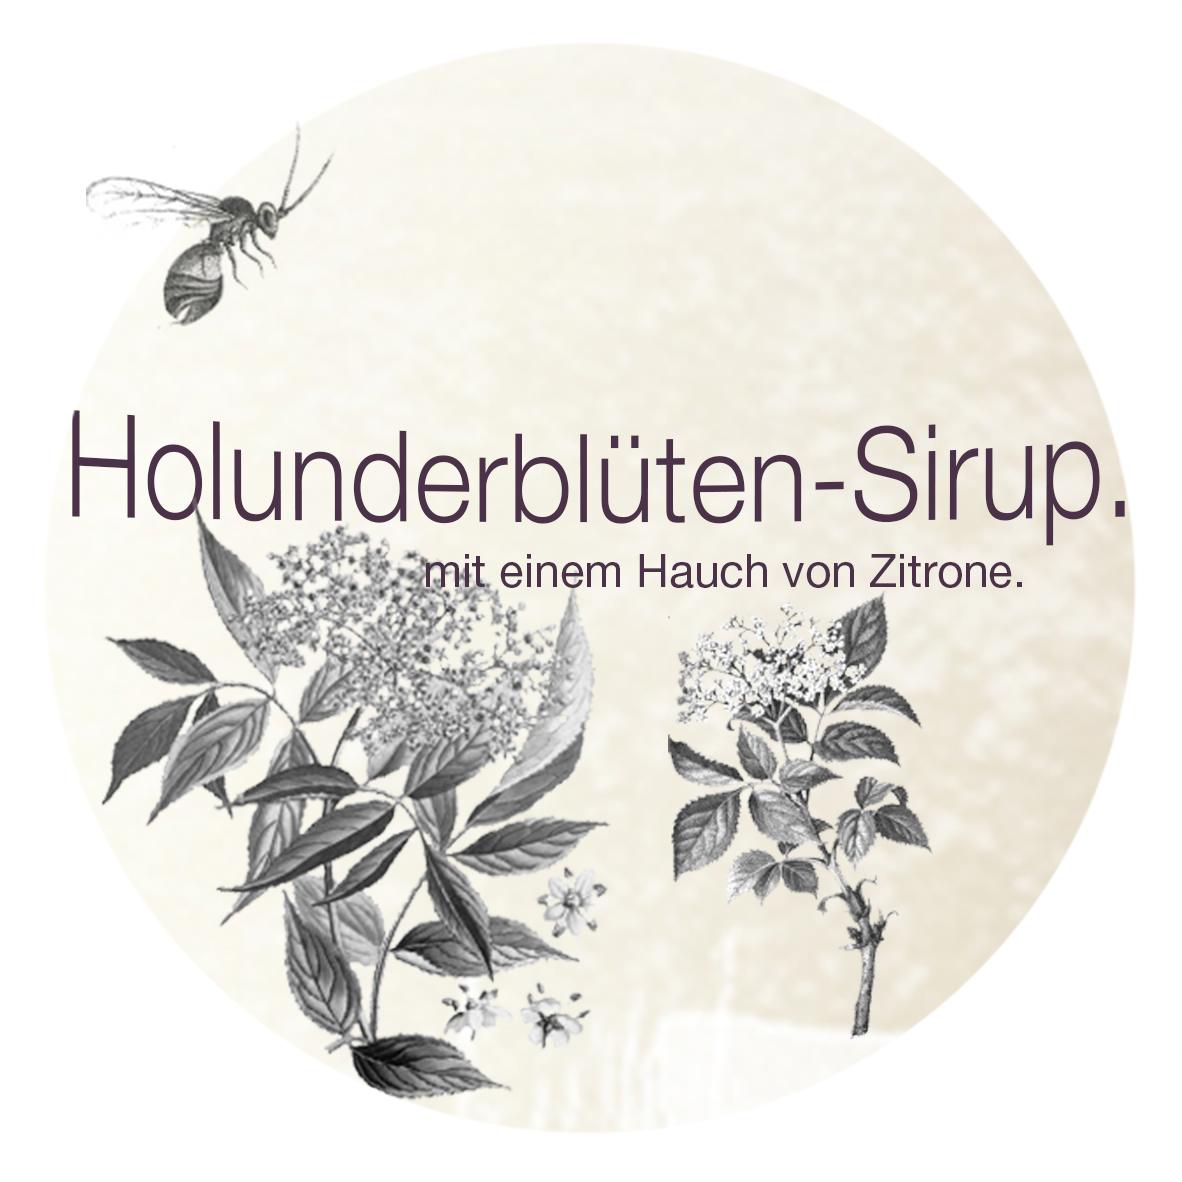 Holunderbüten-Sirup. | Etikett.